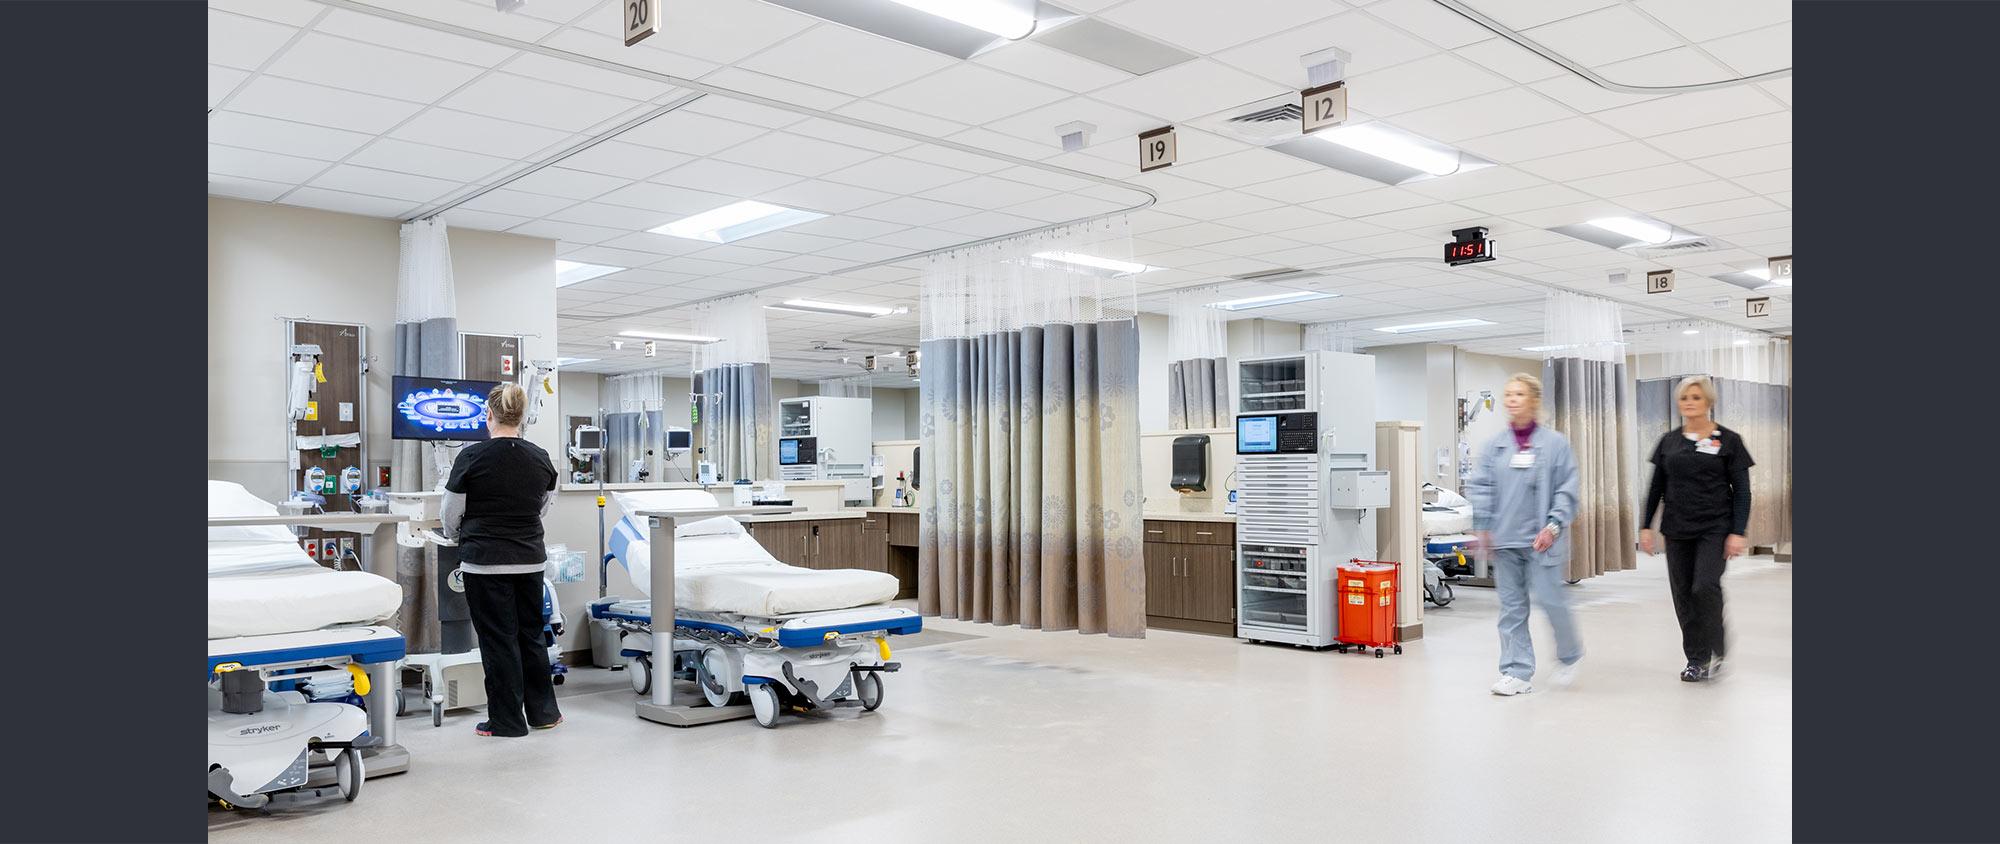 Parkwest Medical Center